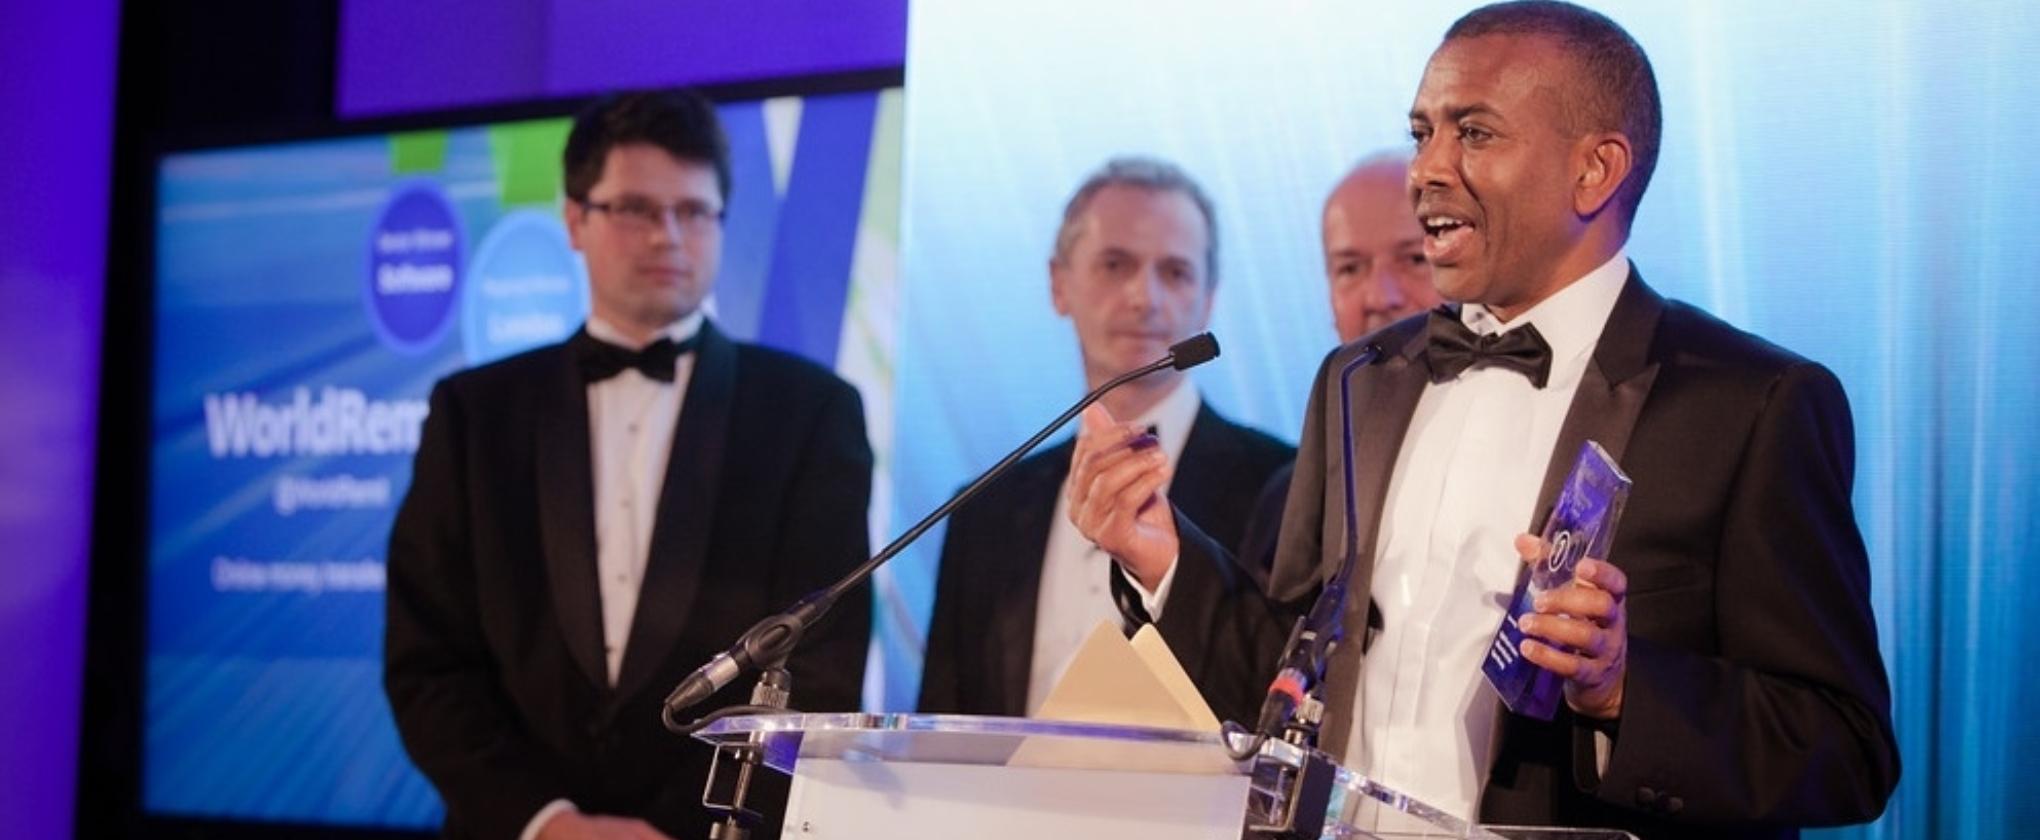 Fintech Firm Tops Deloitte UK Technology Fast 50